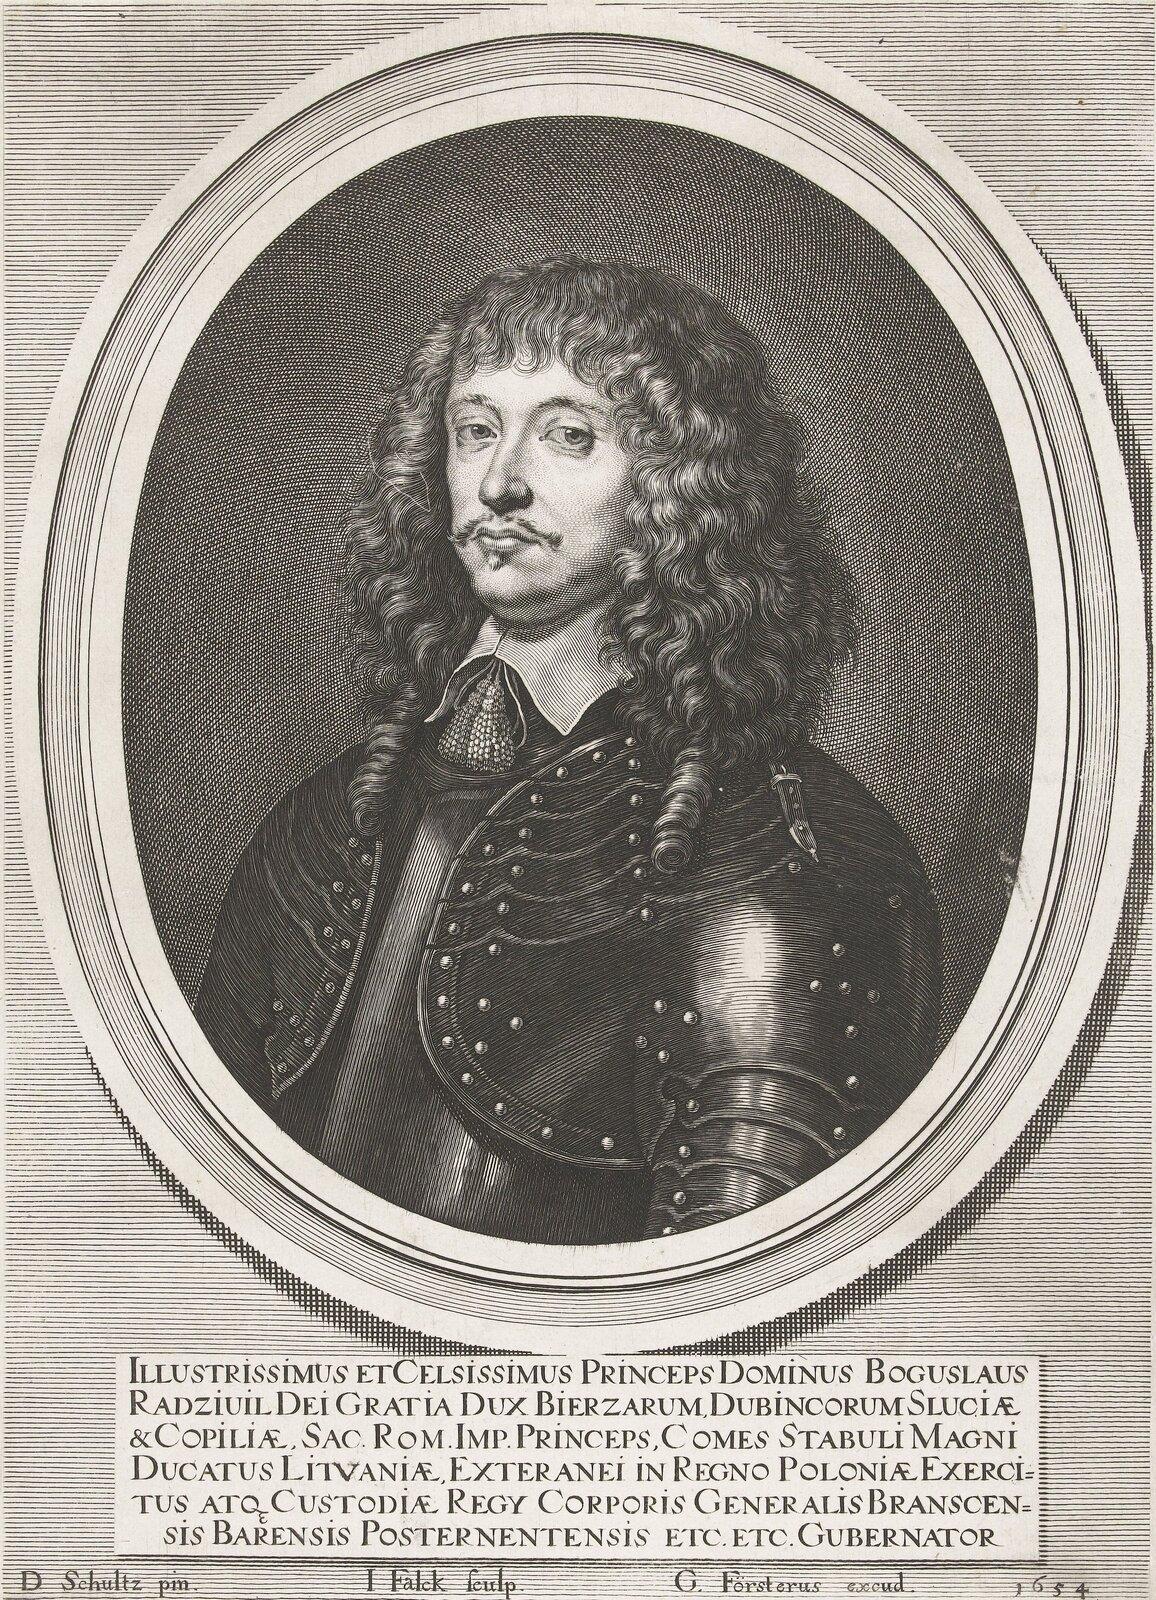 Portret Bogusława Radziwiłła - popiersie wzbroi.